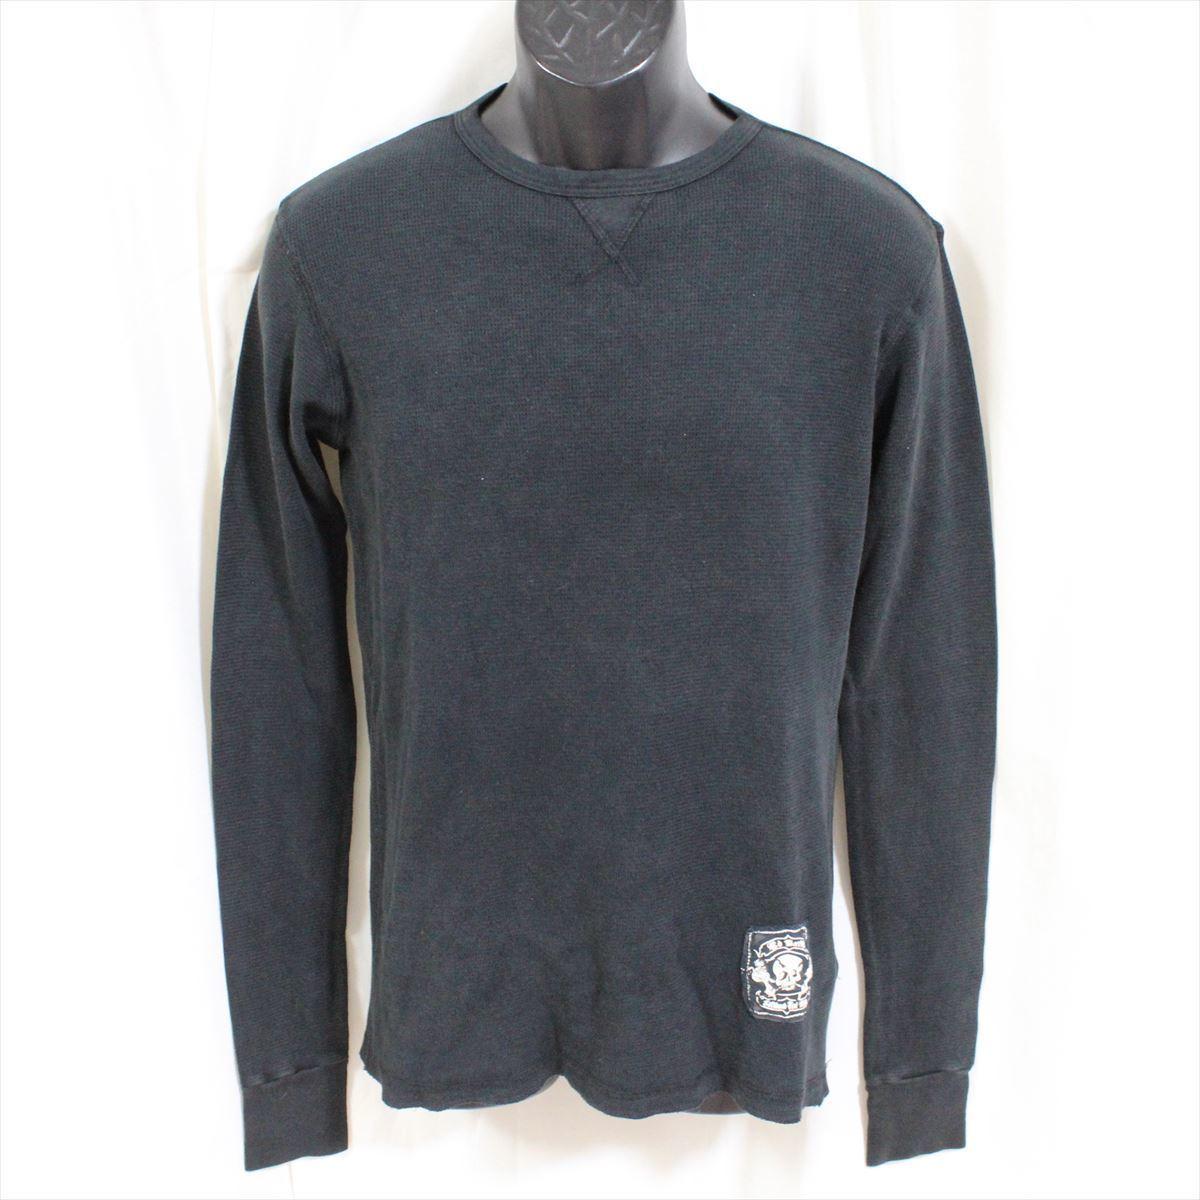 エドハーディー ED HARDY メンズ長袖サーマルTシャツ ブラック Sサイズ HR195 新品_画像1